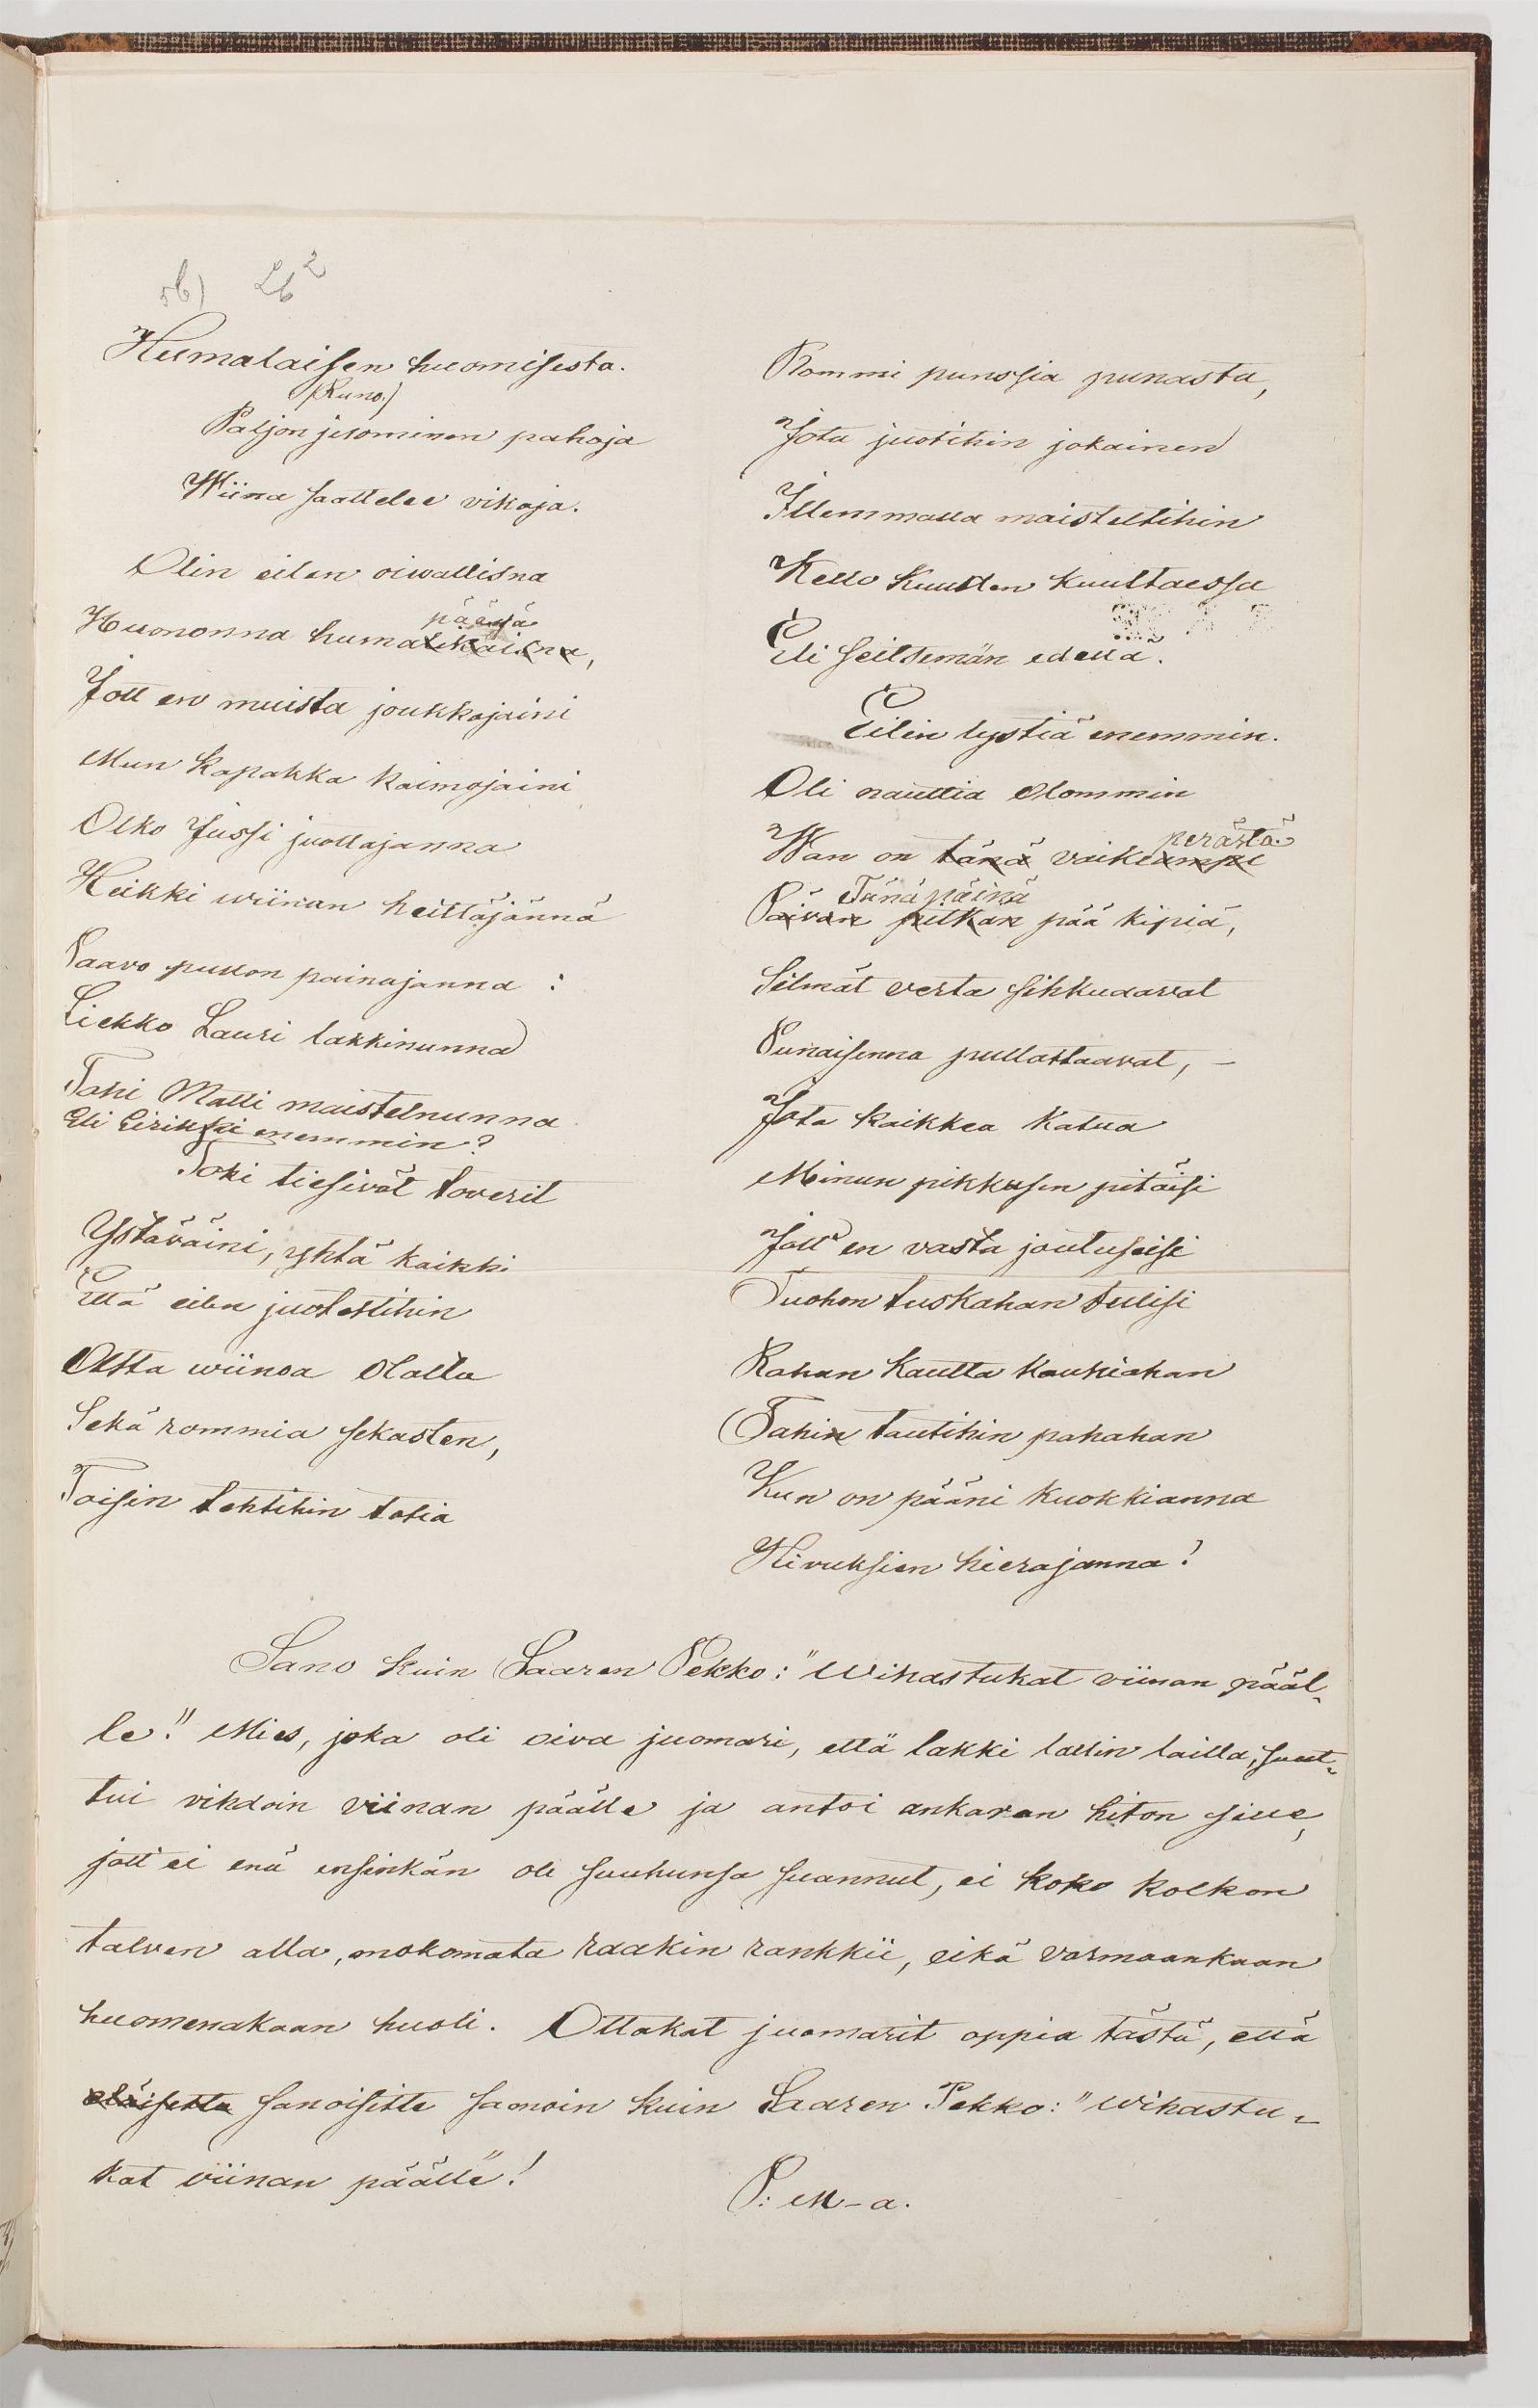 Pietari Mansikan tallentamaa perinnettä vuodelta 1859. Mahdollisesti Viipurin seudulta.